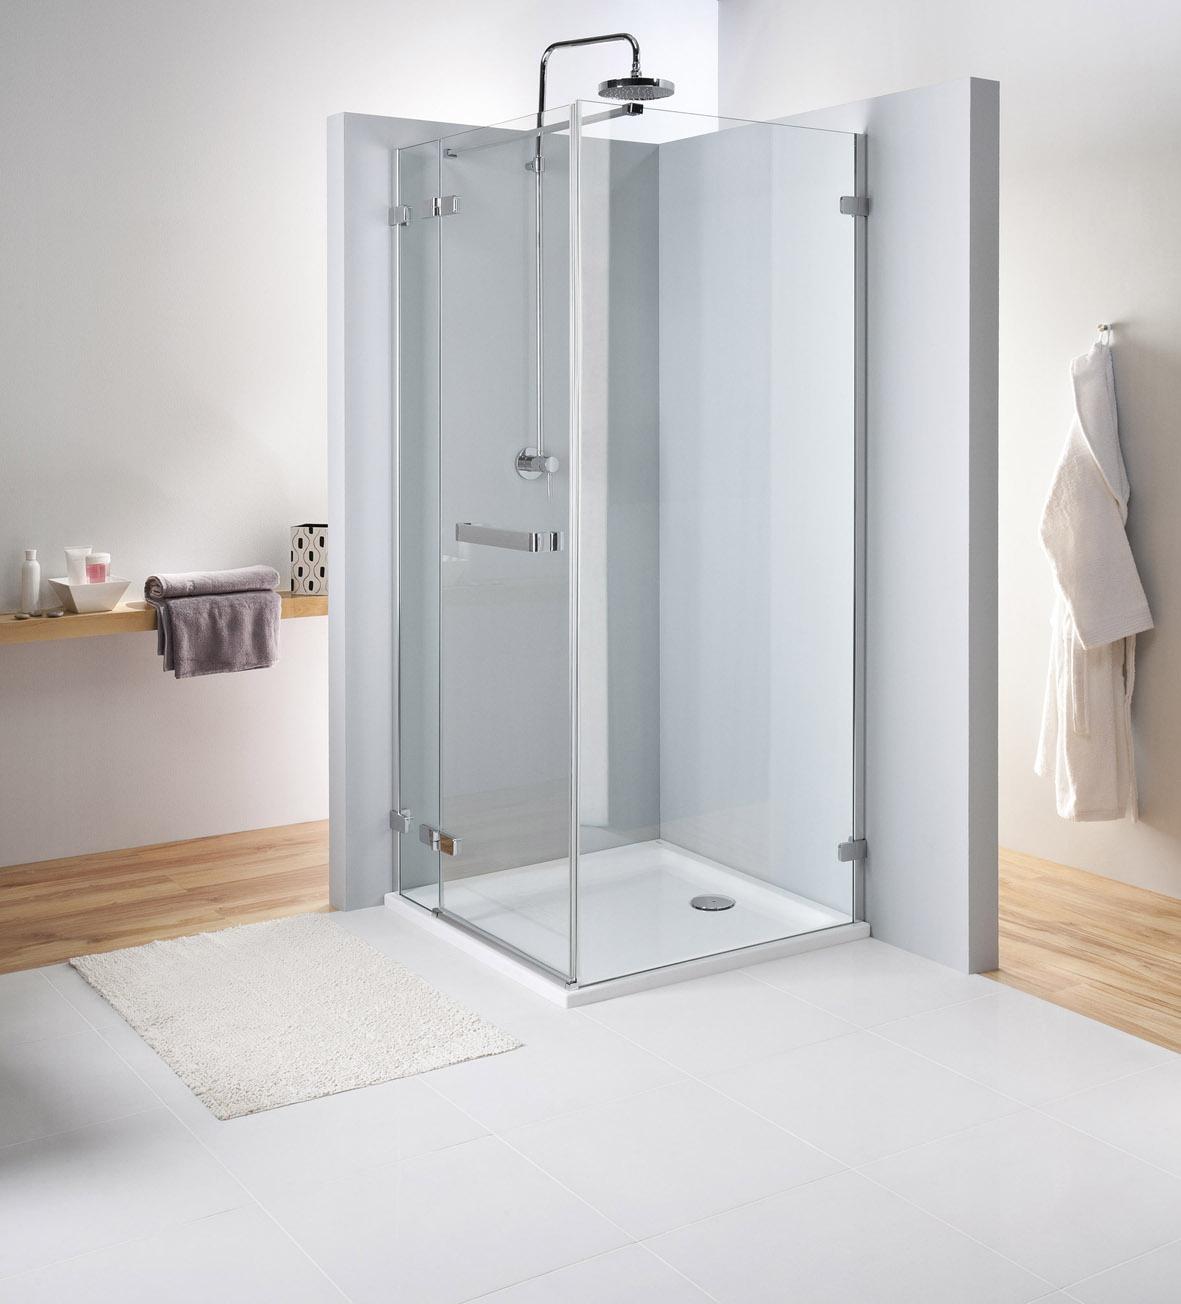 Kolo Next - křídlové dveře 80 cm, s madlem, pro kombinaci s pevnou boční stěnou, sklo čiré, stříbrná lesklá HDSF80222R03 L/R